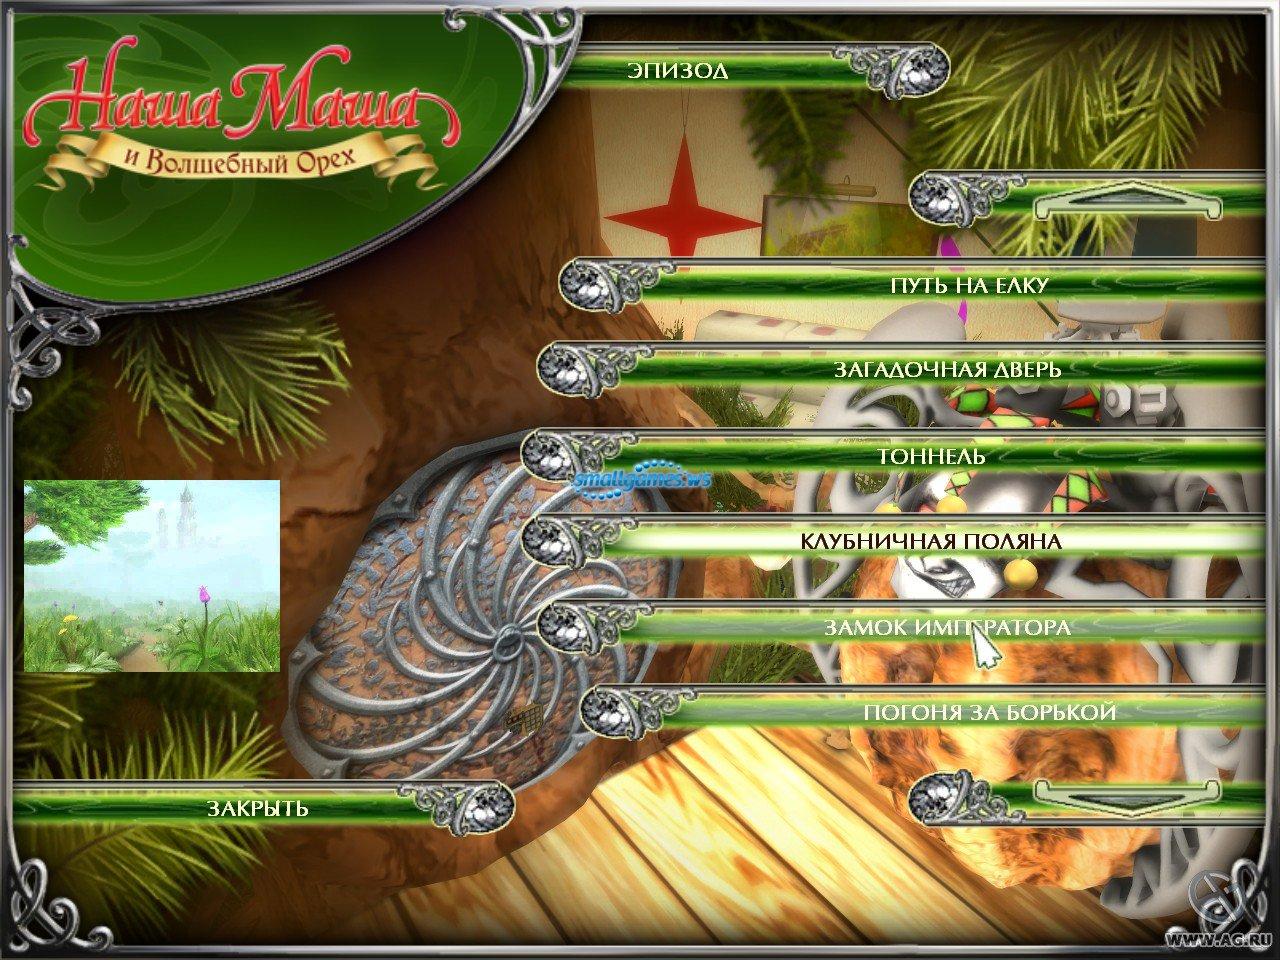 Обзор Игры Маша И Волшебный Орех